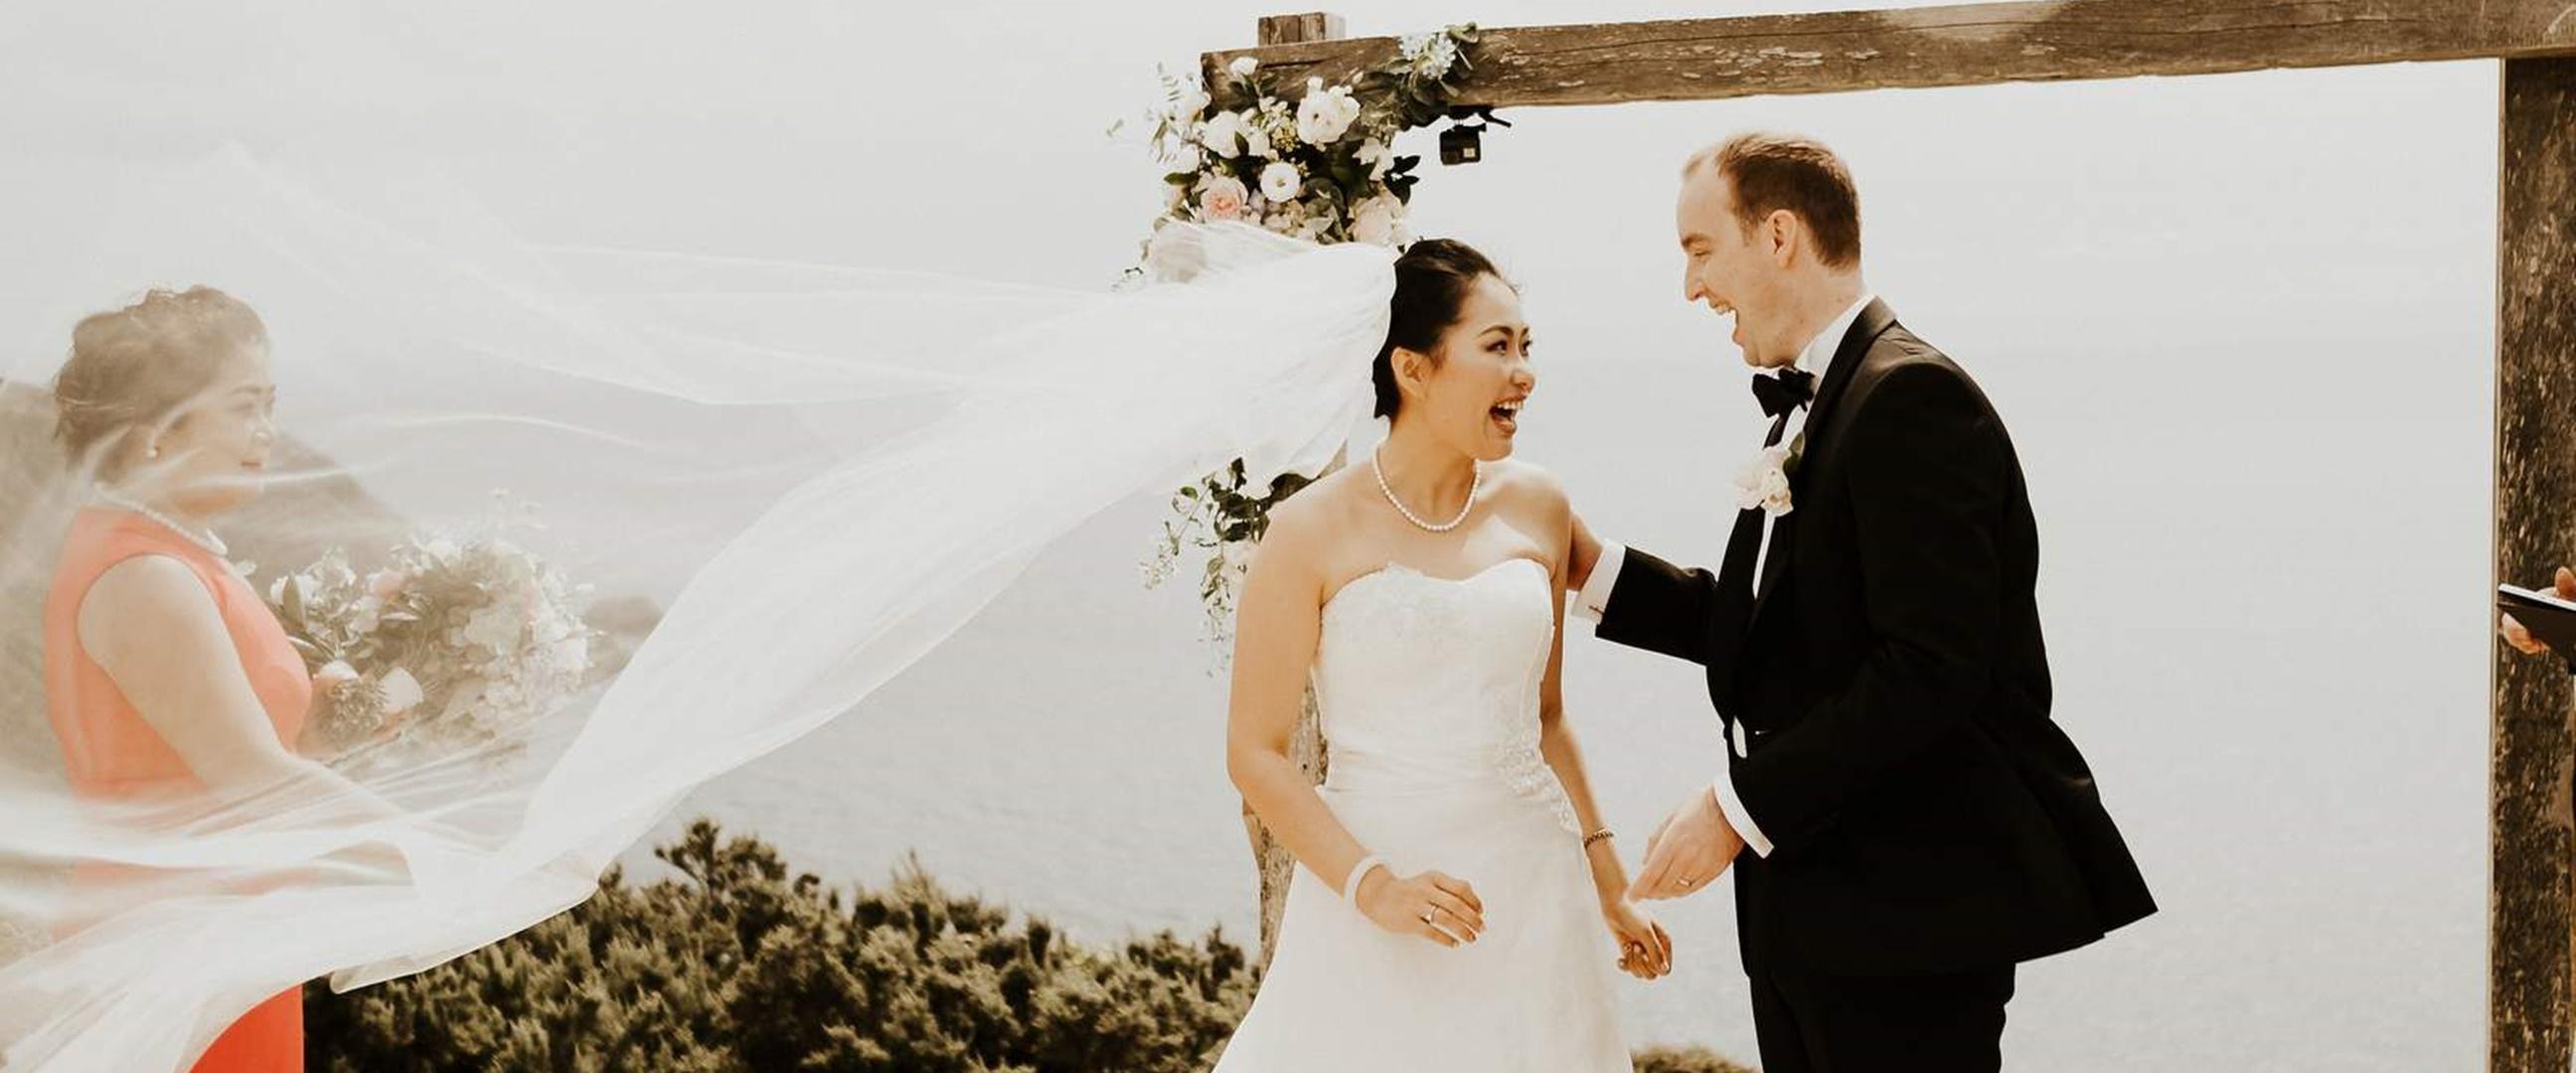 Pernikahannya tak bisa dihadiri tamu, pasangan ini lakukan hal unik